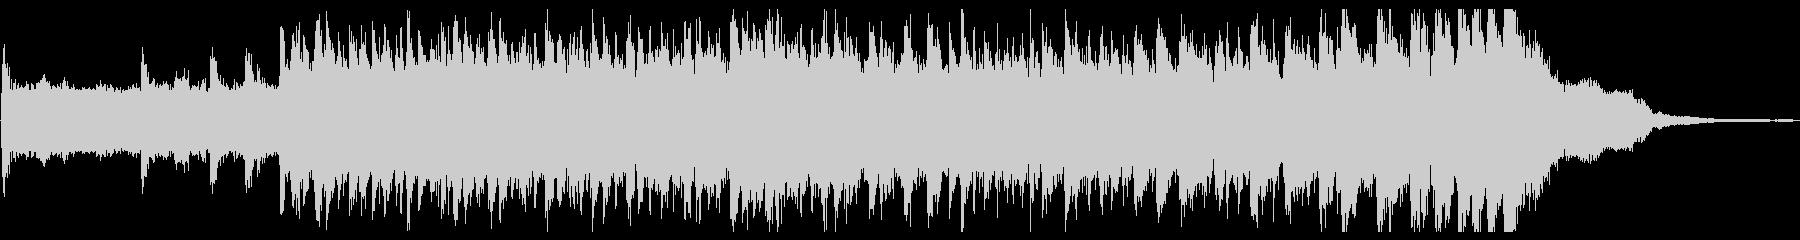 変拍子と転調が特徴のシンセメロジングルの未再生の波形